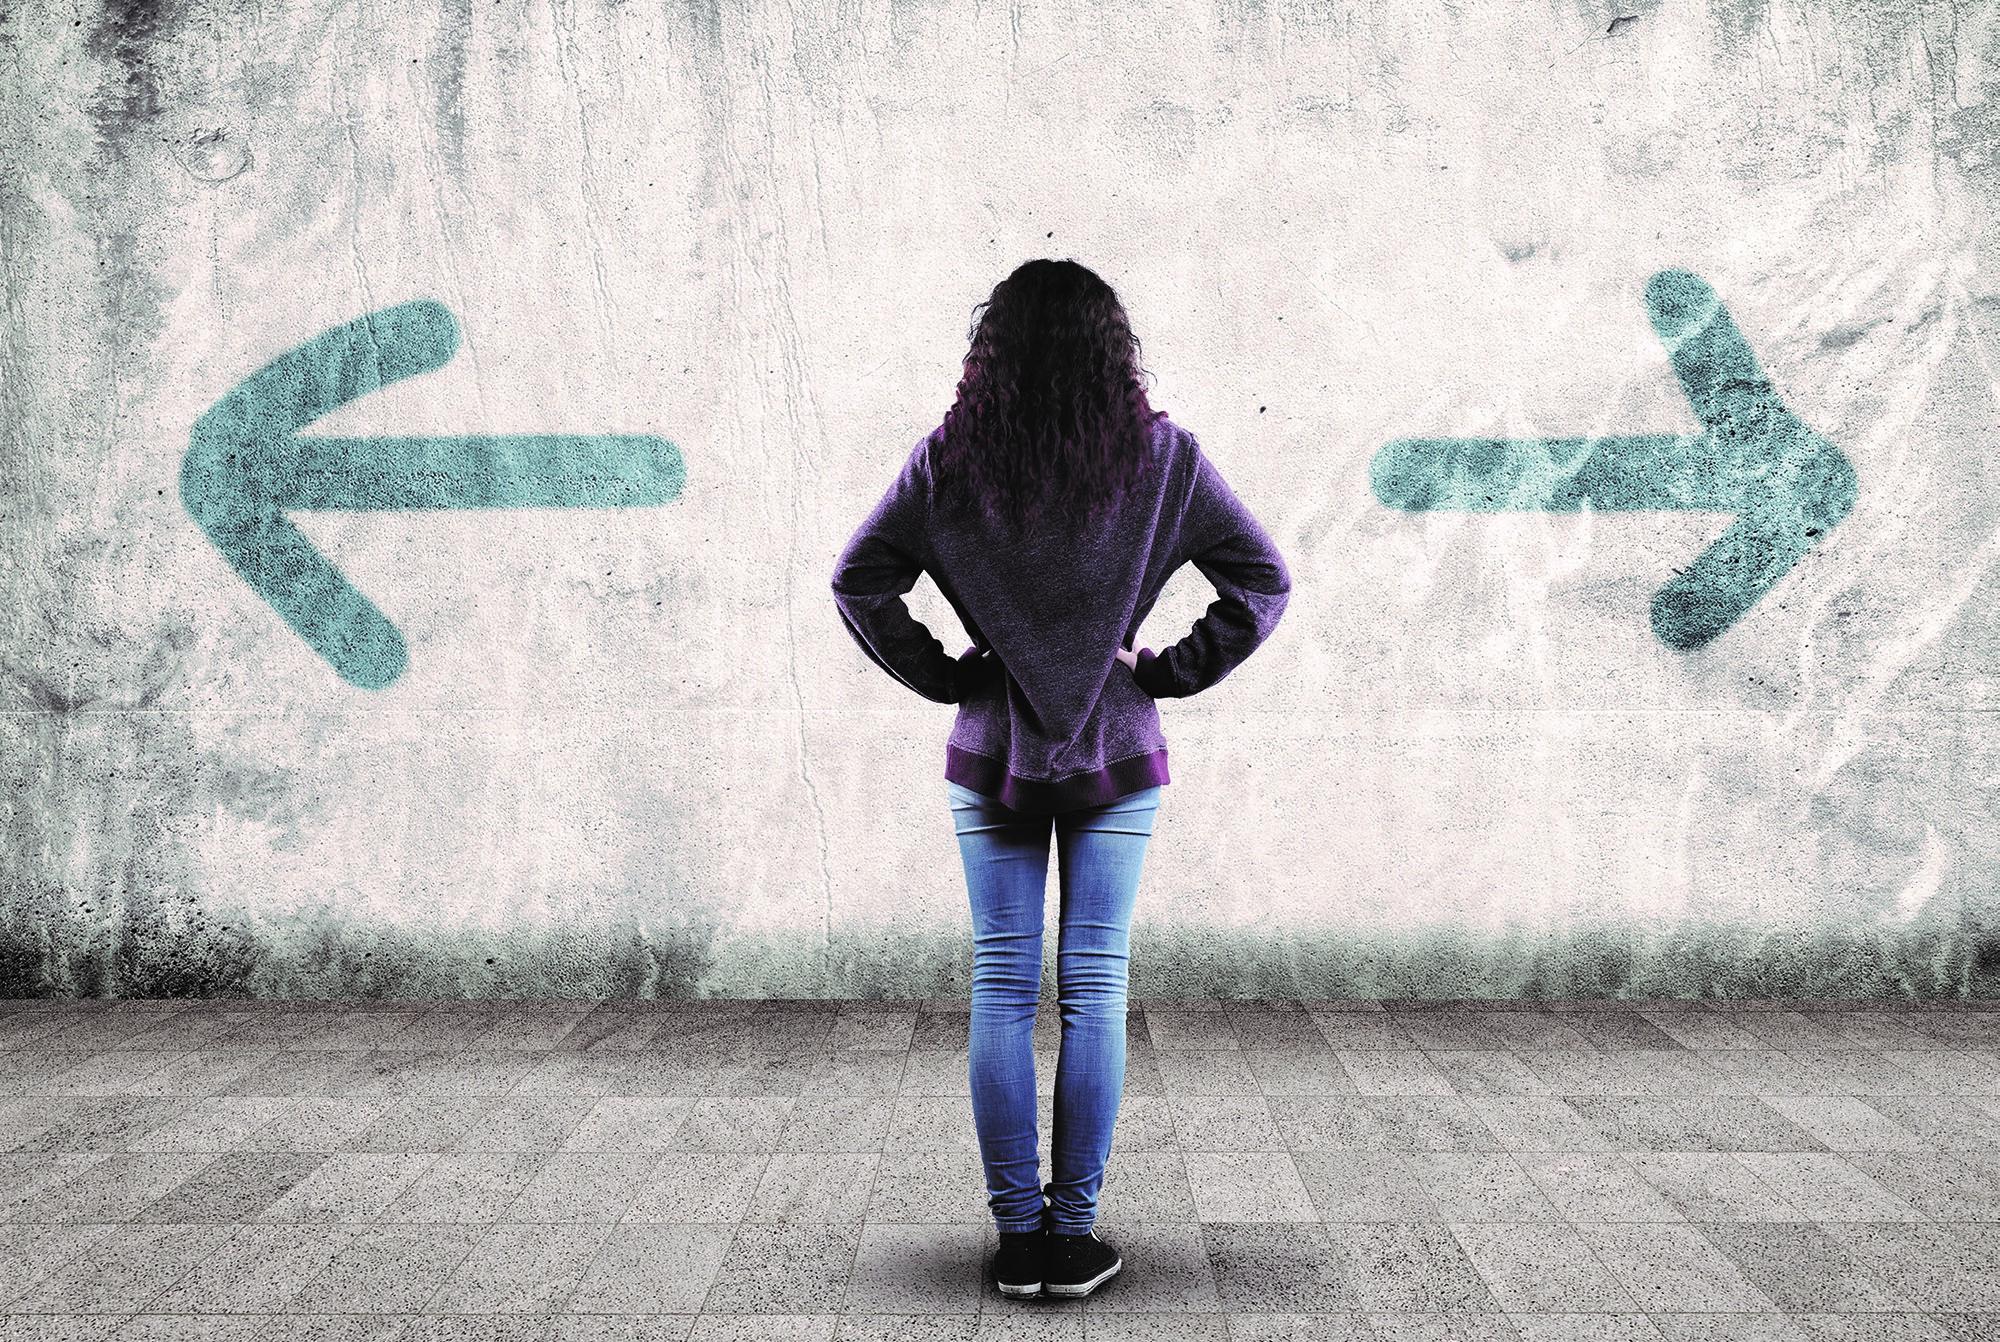 Dargestellt wird eine Frau mit langen braunen Haaren, die mit dem Rücken zur Kamera steht . Auf der linken Seite zeigt ein Pfeil nach links und auf der anderen Seite ein Pfeil nach rechts.